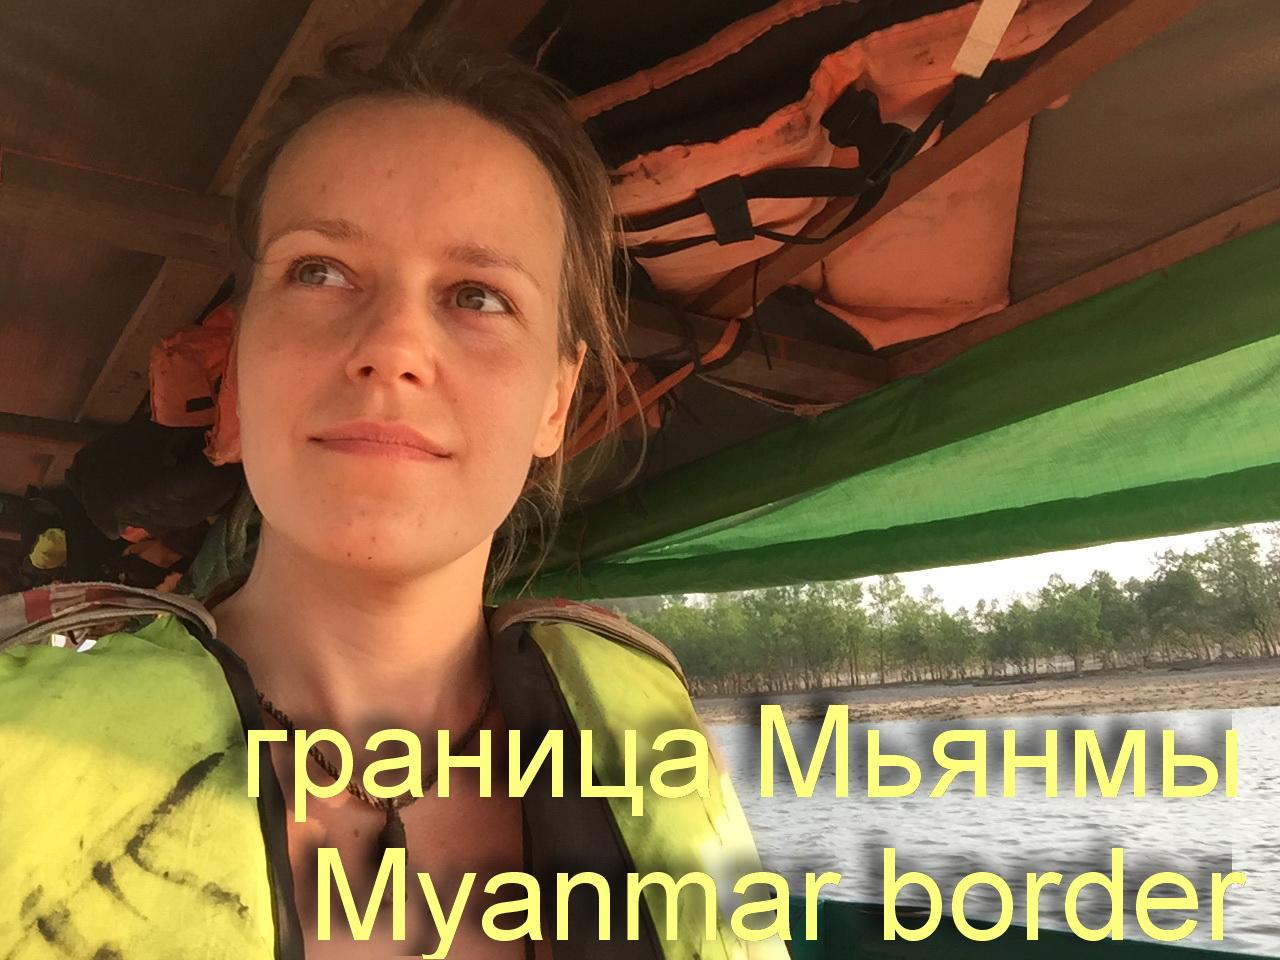 Граница Таиланд – Мьянма (Бирма). Мьянма. Бирма. Виза в Мьянму. Ранонг